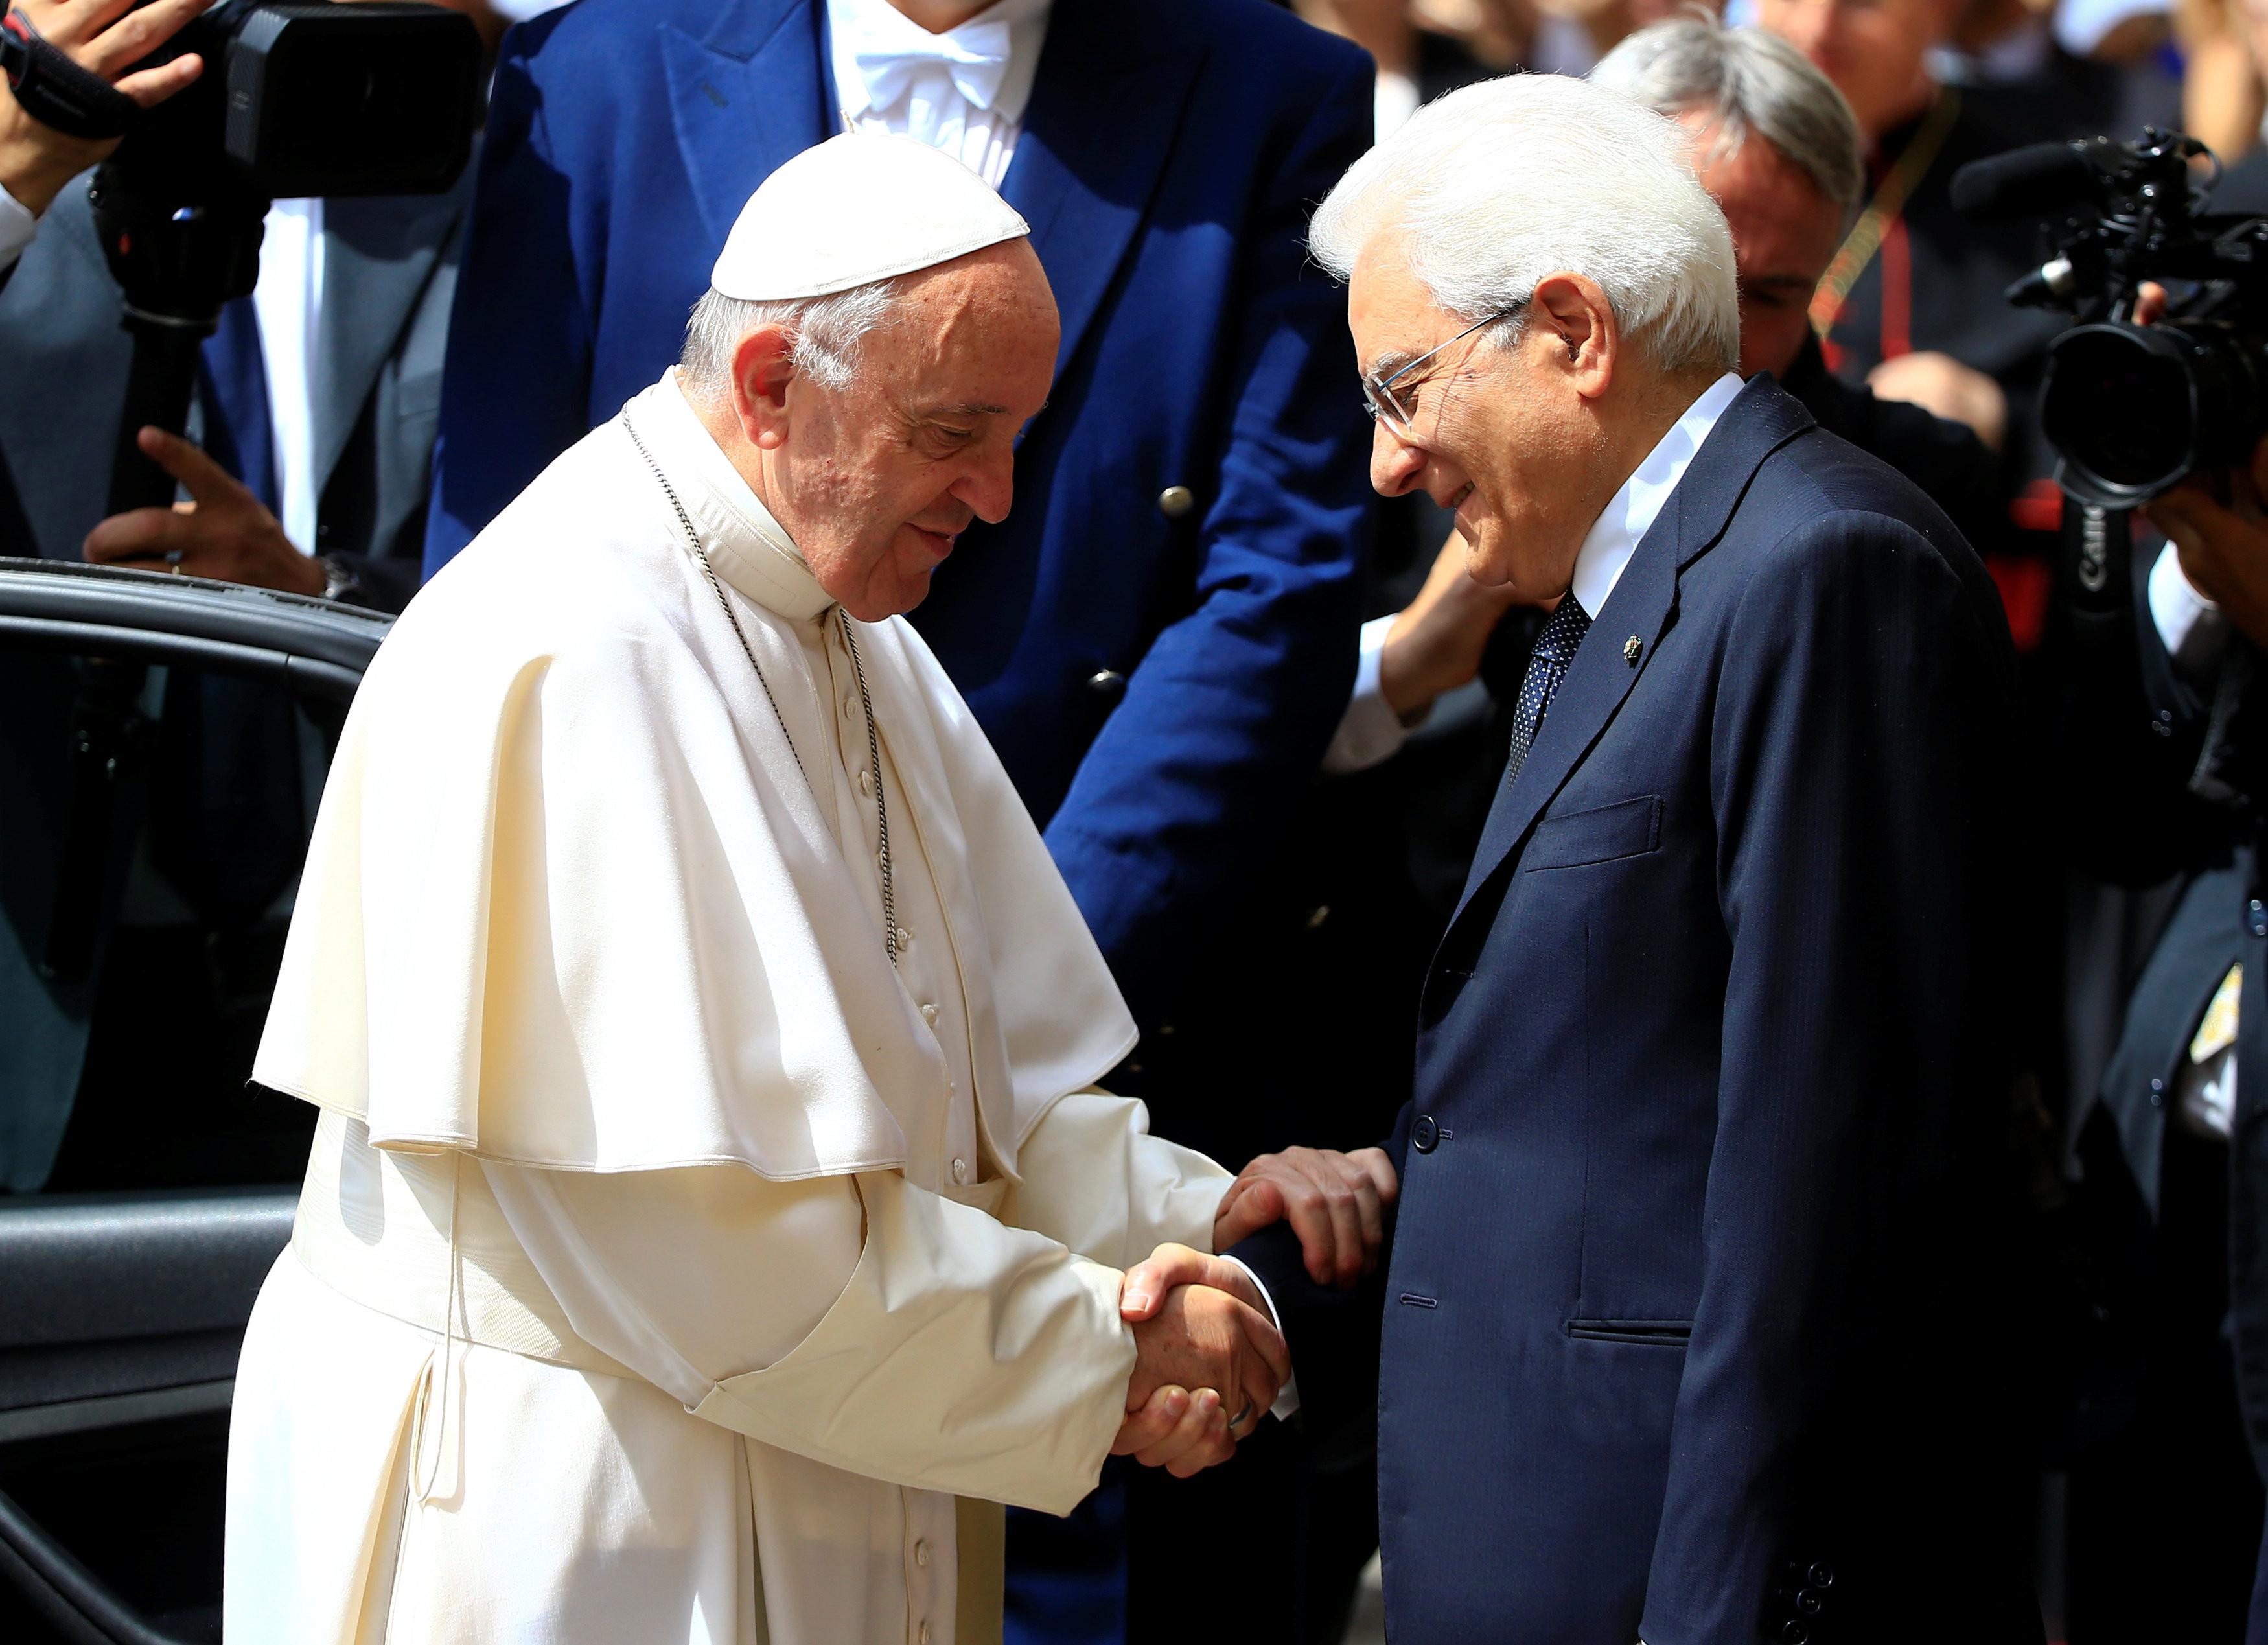 <p><span>Папа Франциск и президент Италии Серджо Маттарелла.&nbsp;</span>REUTERS/Tony Gentile</p>